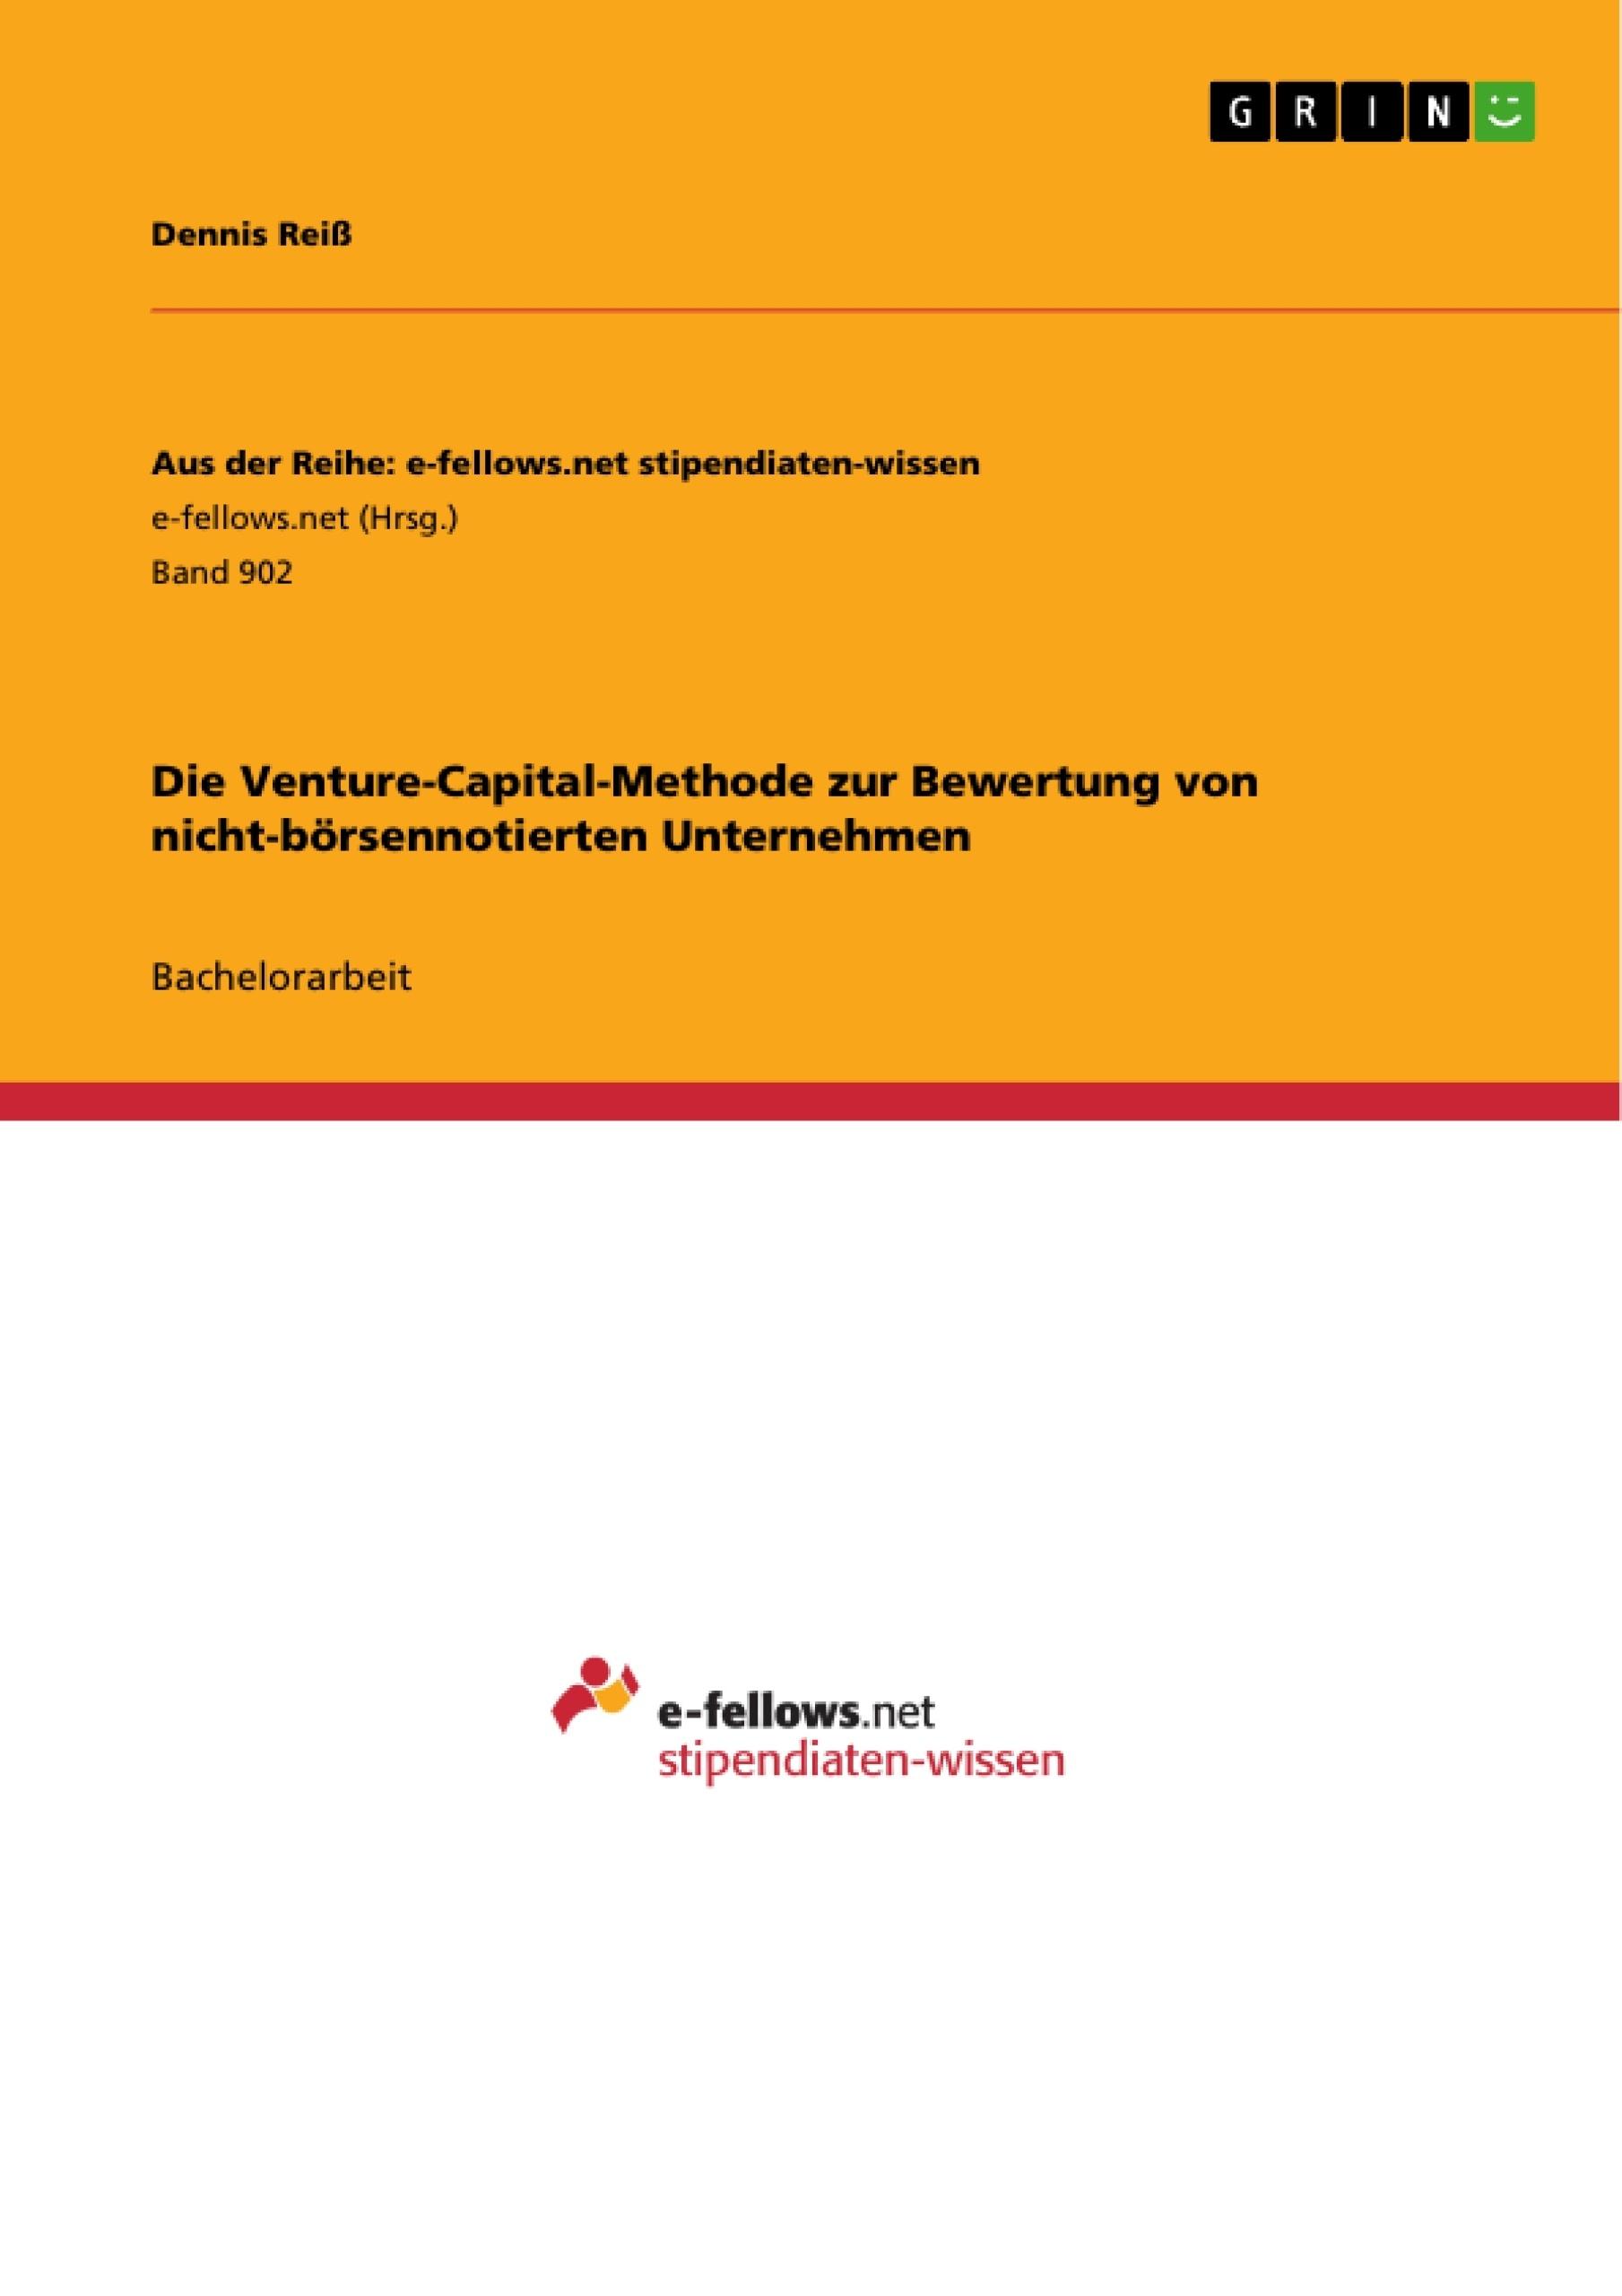 Titel: Die Venture-Capital-Methode zur Bewertung von nicht-börsennotierten Unternehmen